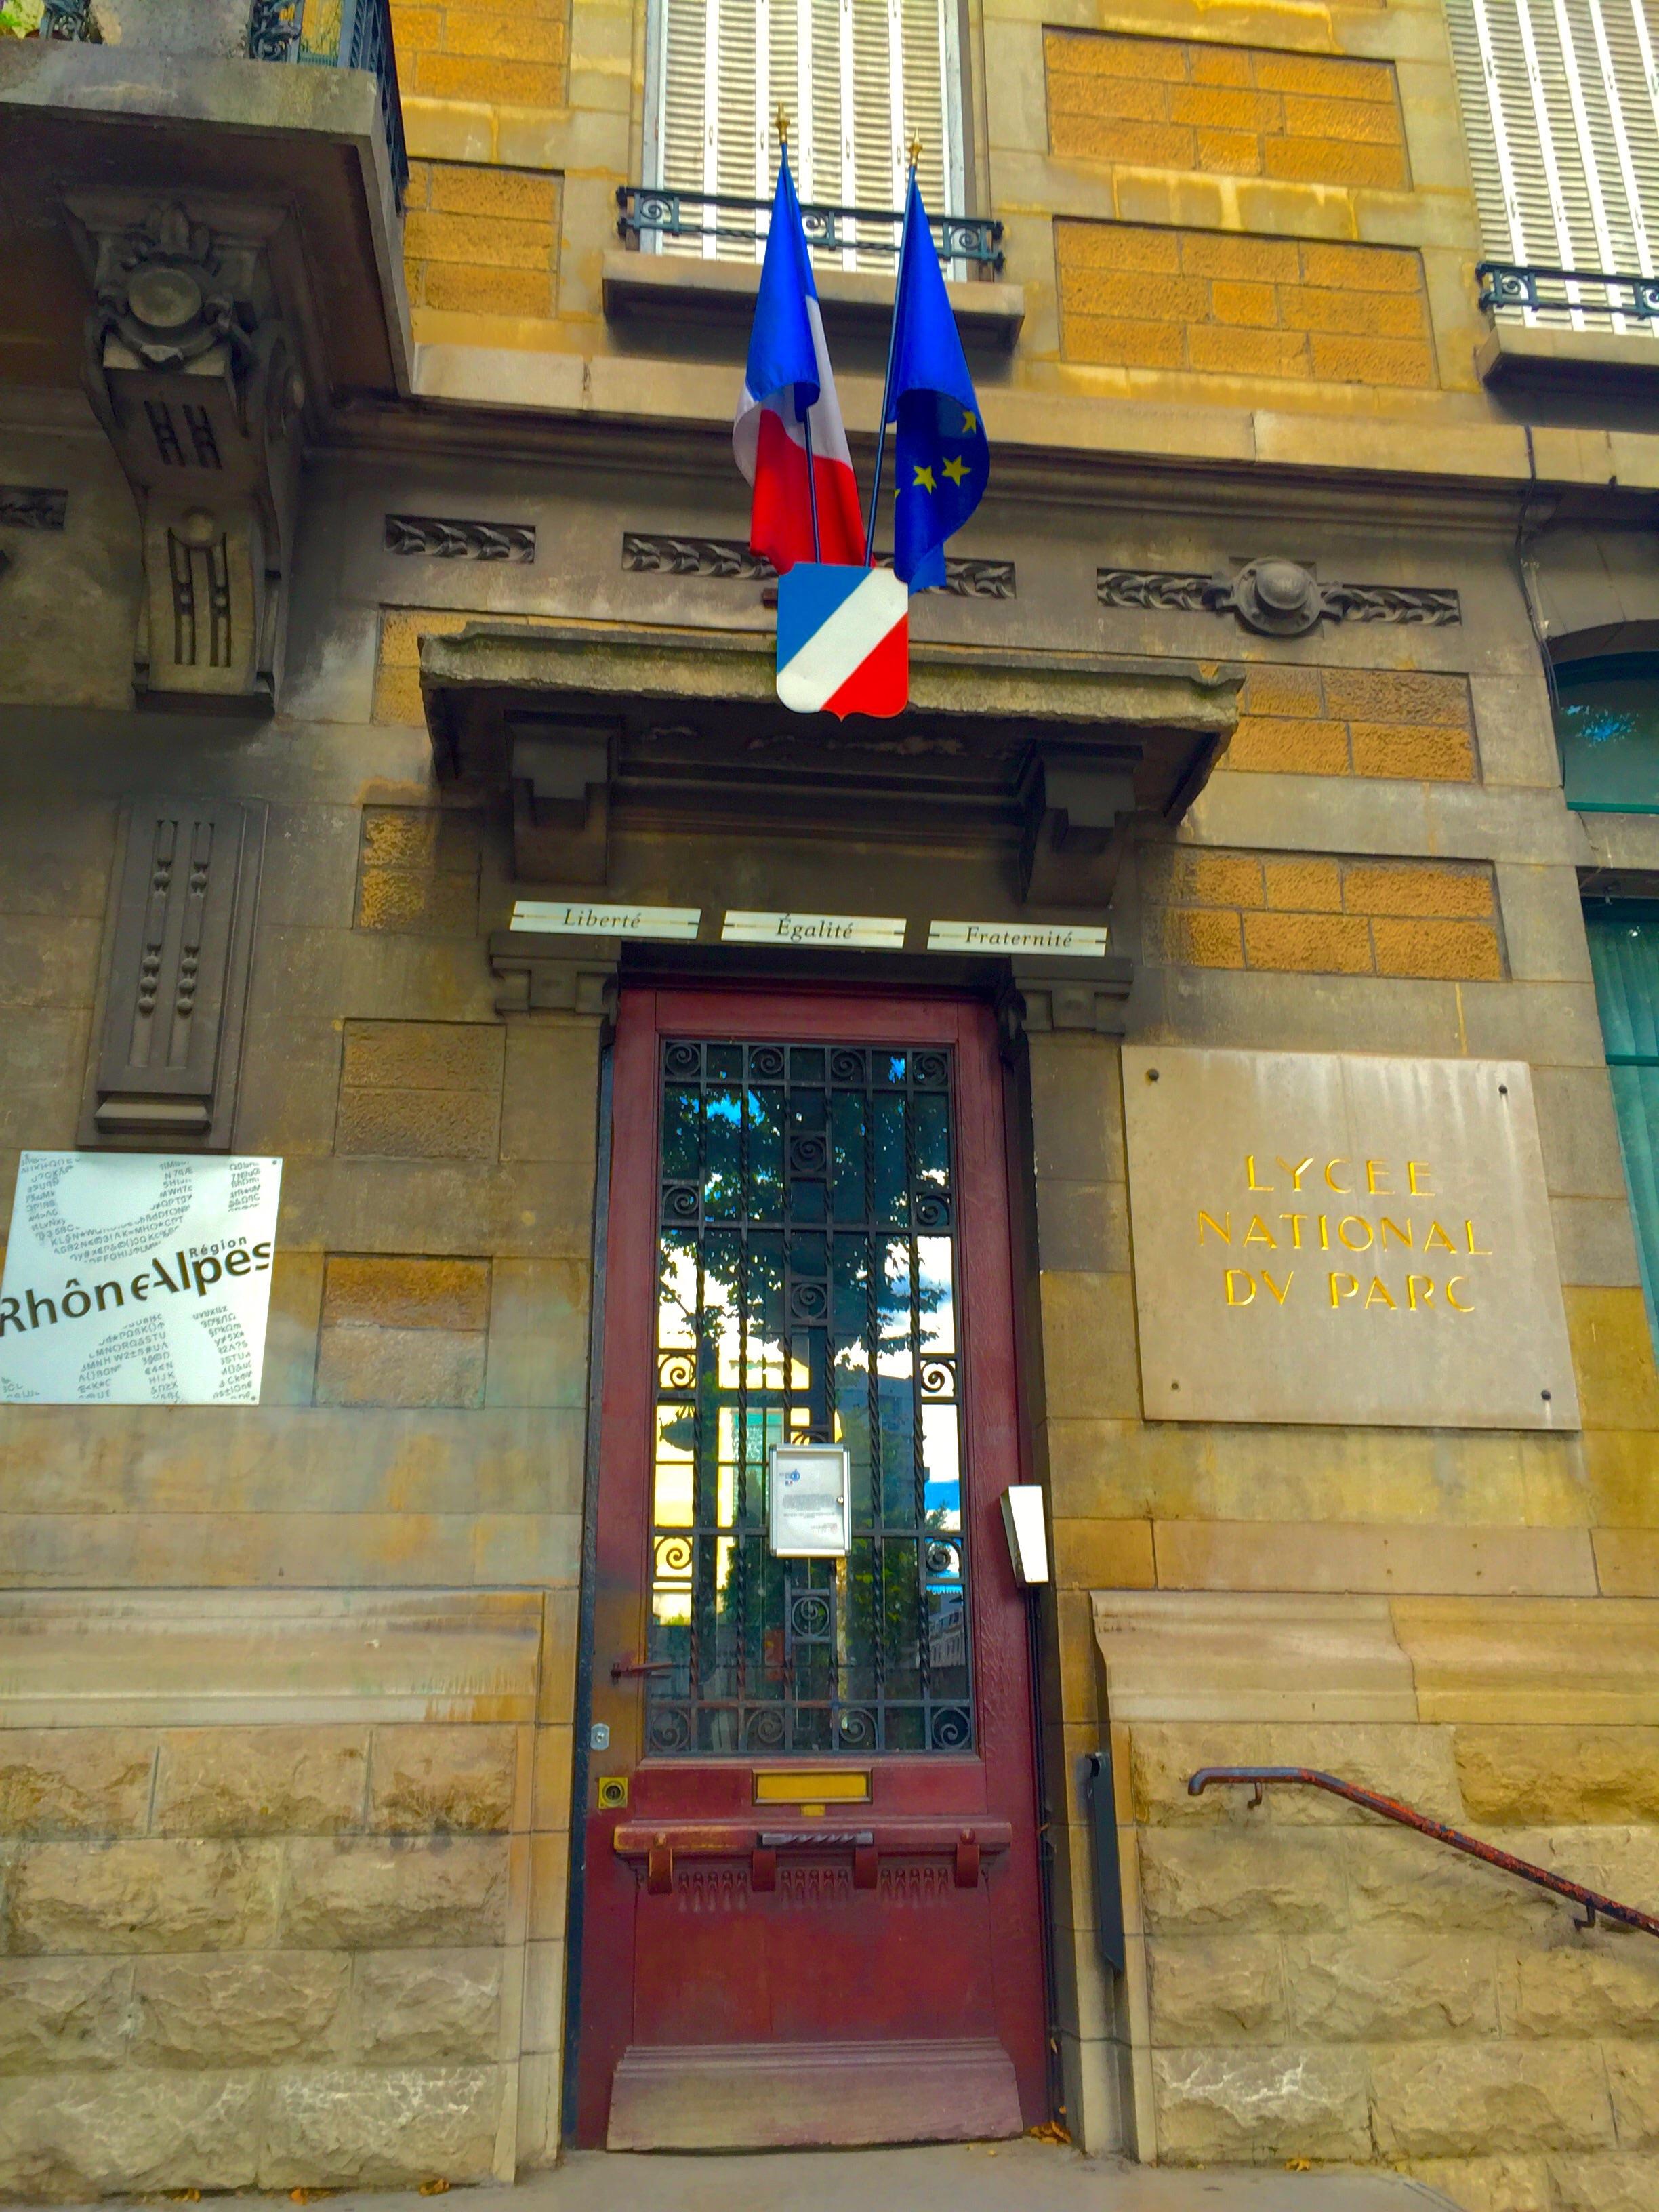 A French high school entrance